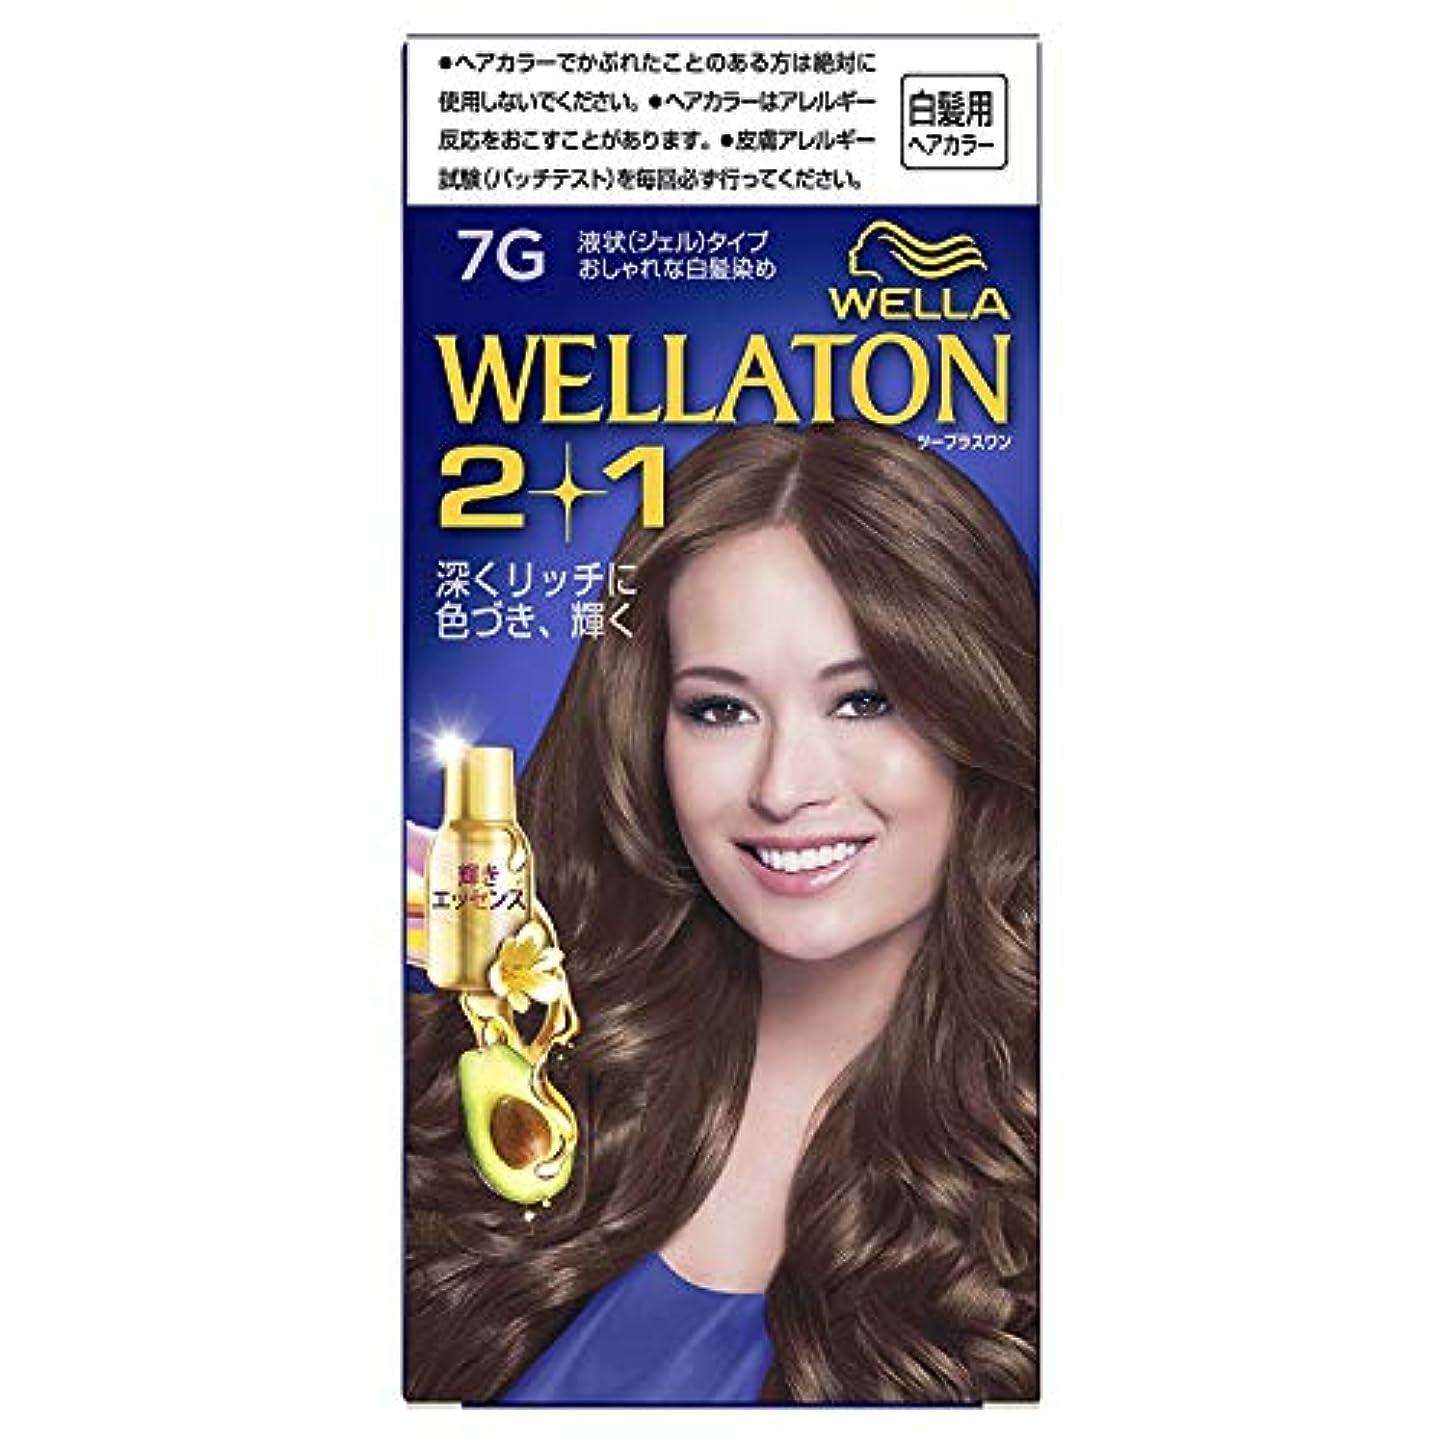 証言バイオリン精神ウエラトーン2+1 白髪染め 液状タイプ 7G [医薬部外品] ×3個